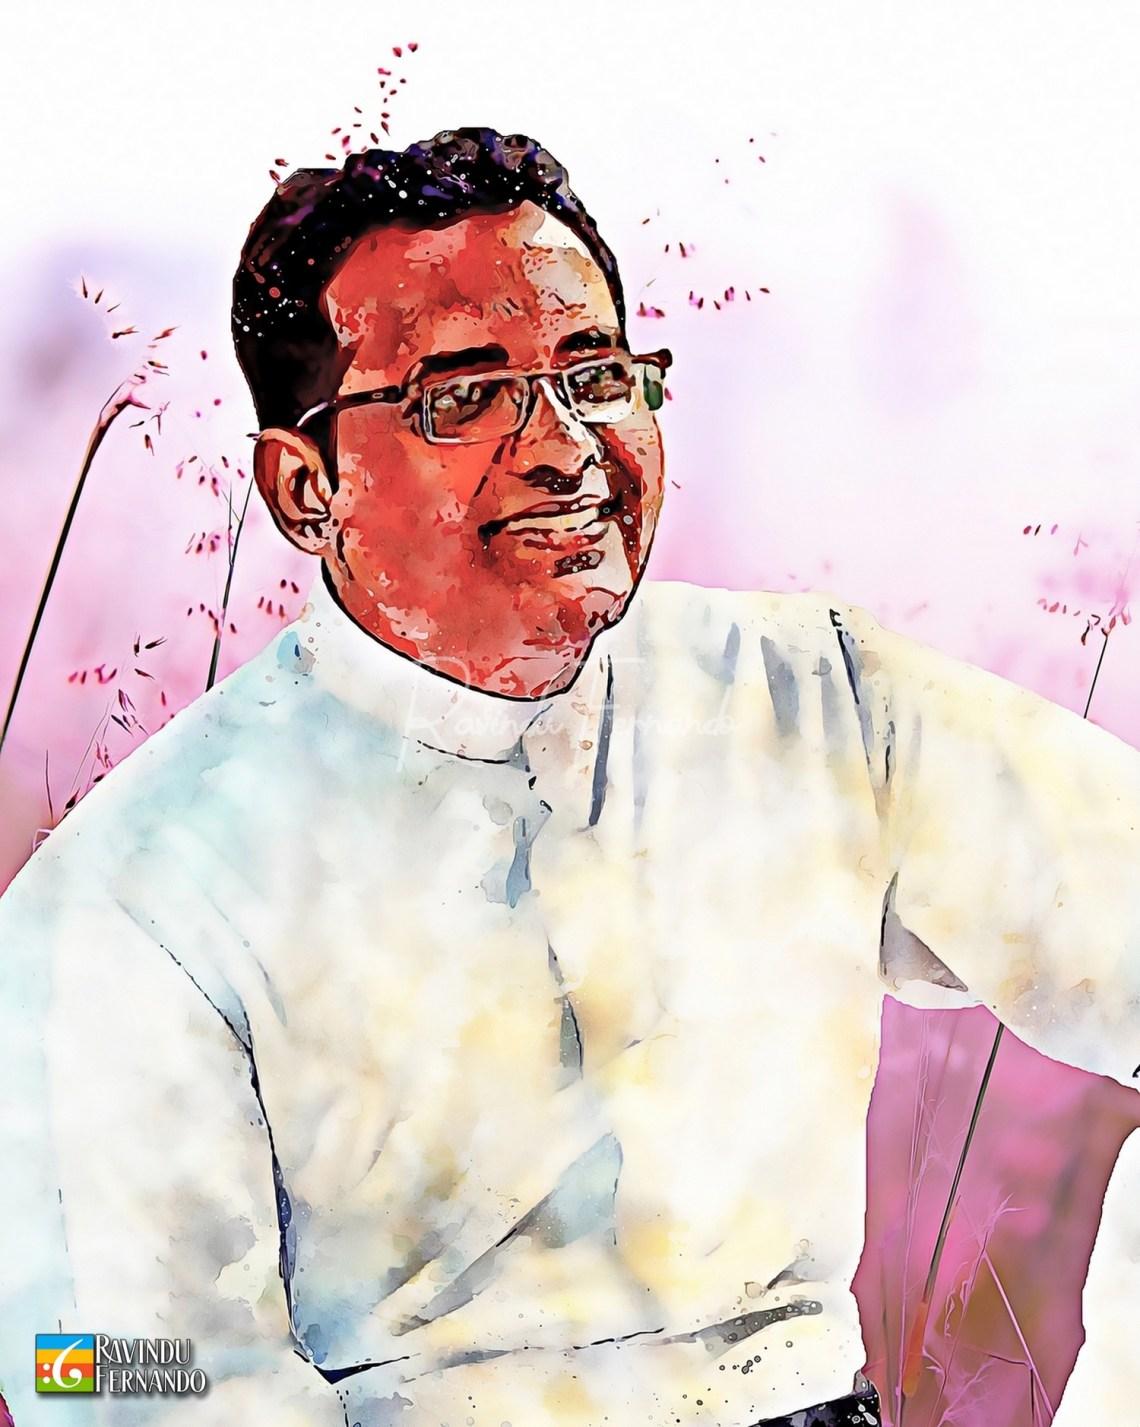 Fr. Rumain Perera - Digital Watercolor Painting